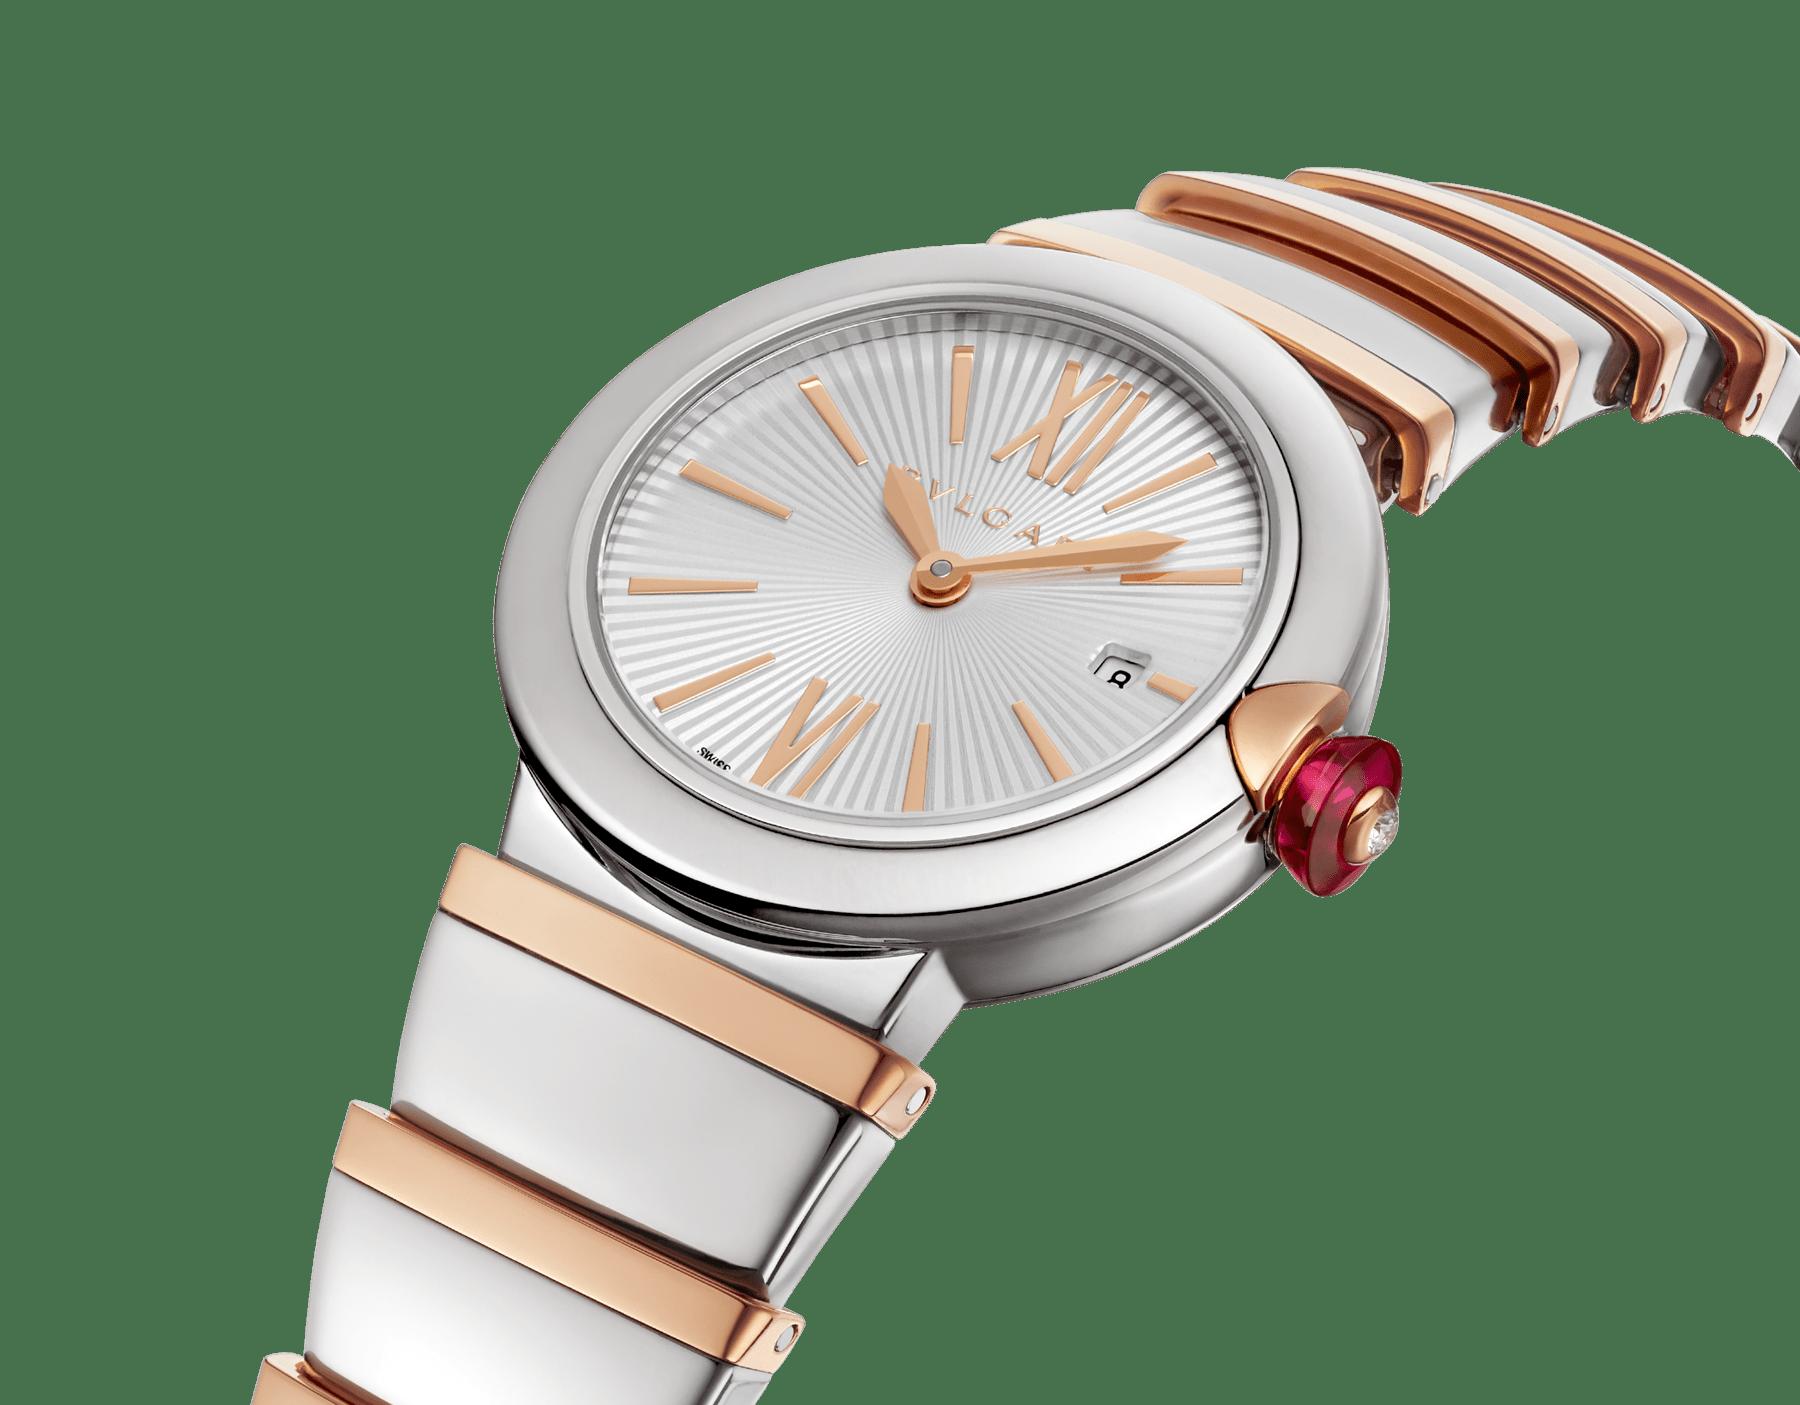 Часы LVCEA, корпус из нержавеющей стали, серебристый опаловый циферблат, браслет из розового золота 18 карат и нержавеющей стали. 102193 image 2